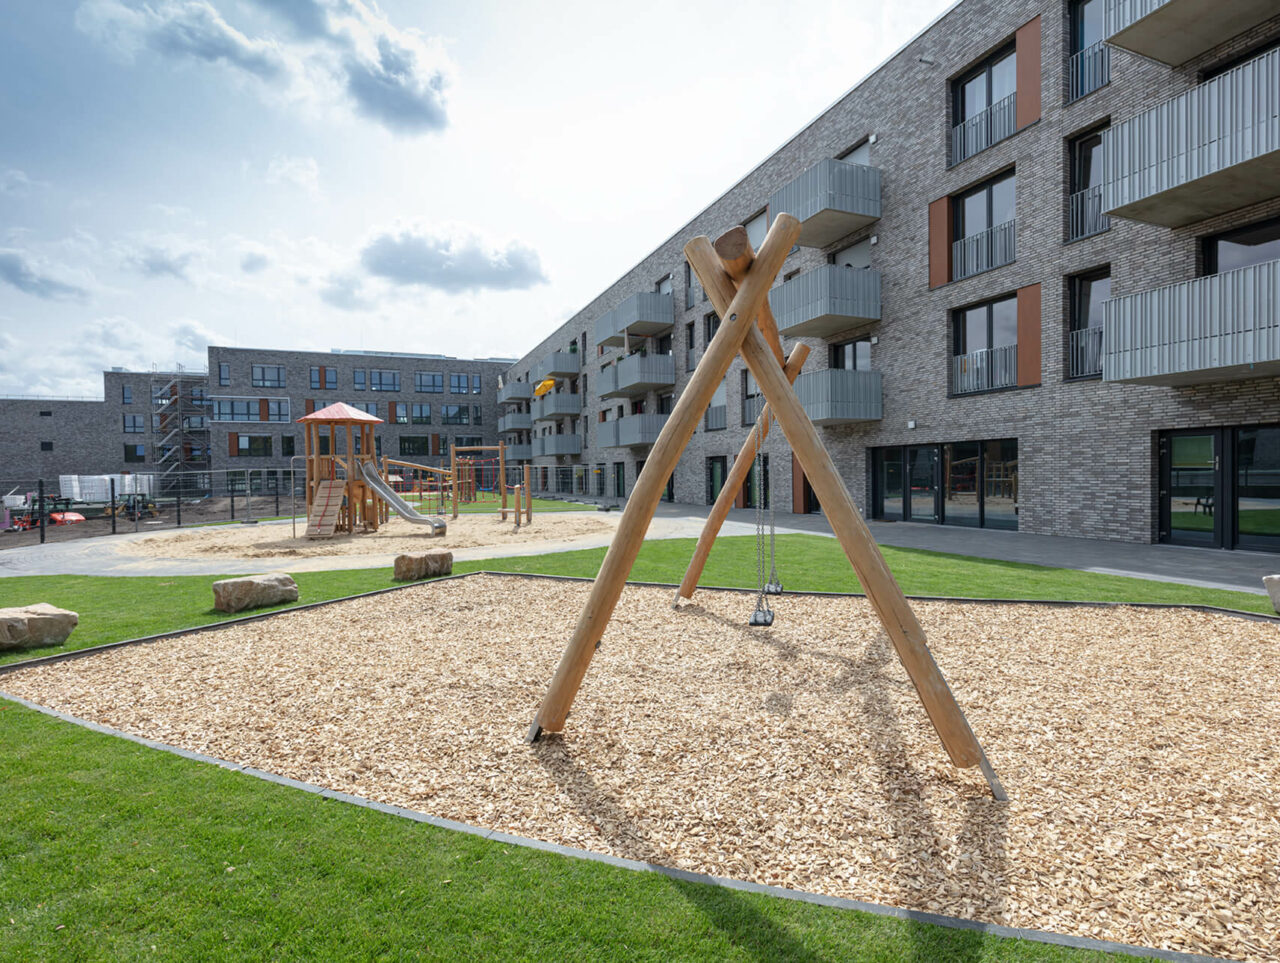 Cranachhoefe Essen Holsterhausen Neubauprojekte Spielplatz